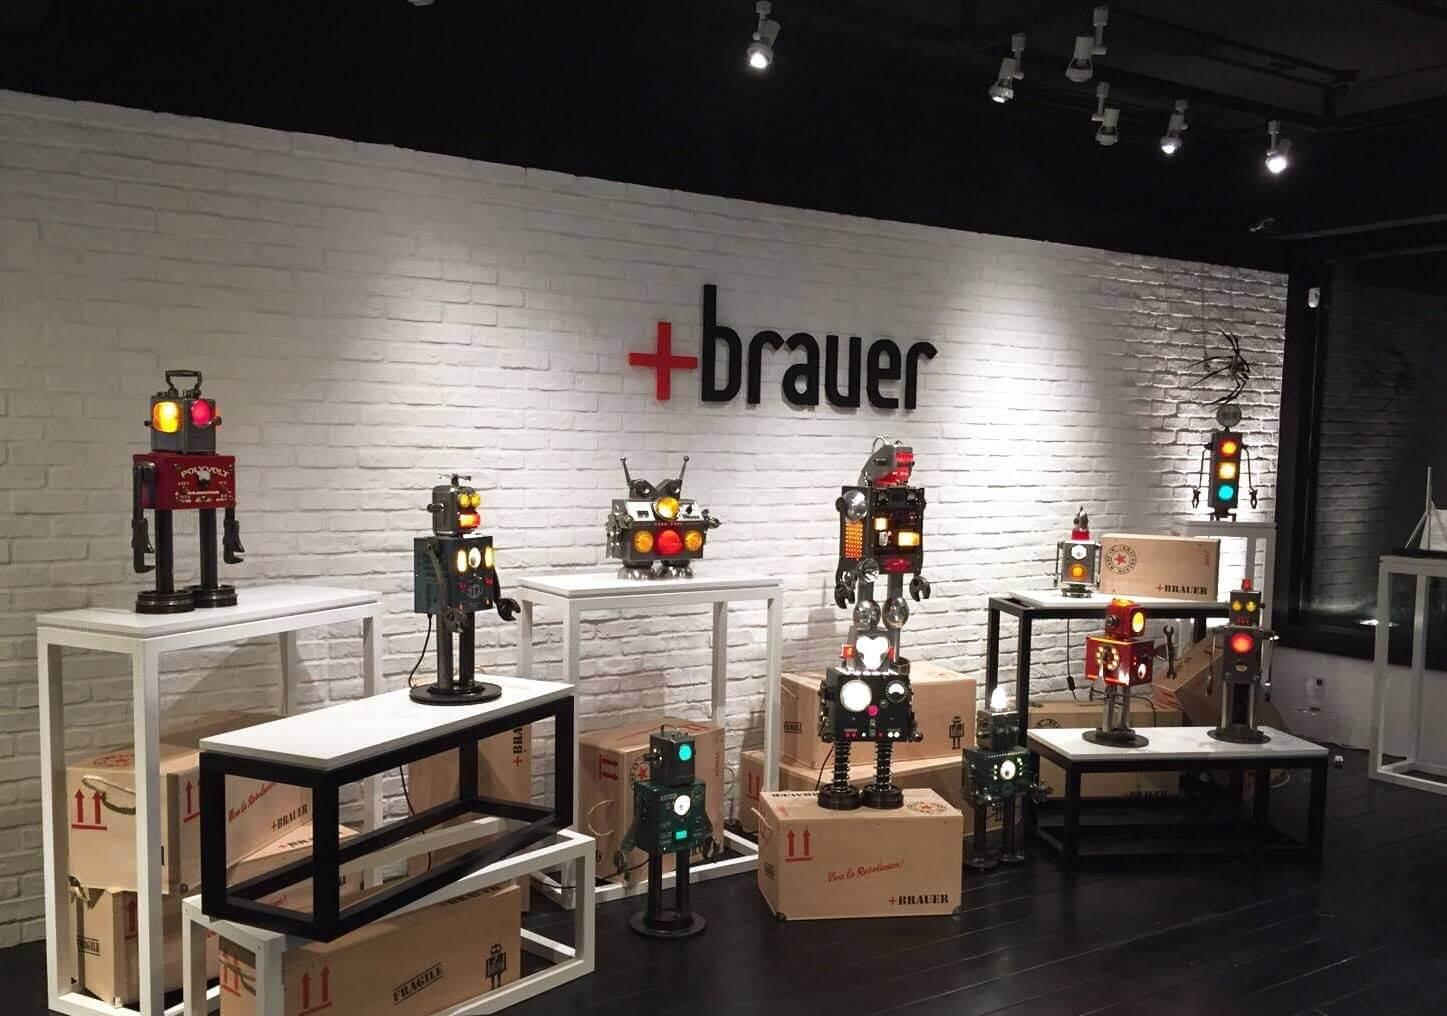 brauer robot sculptures 9